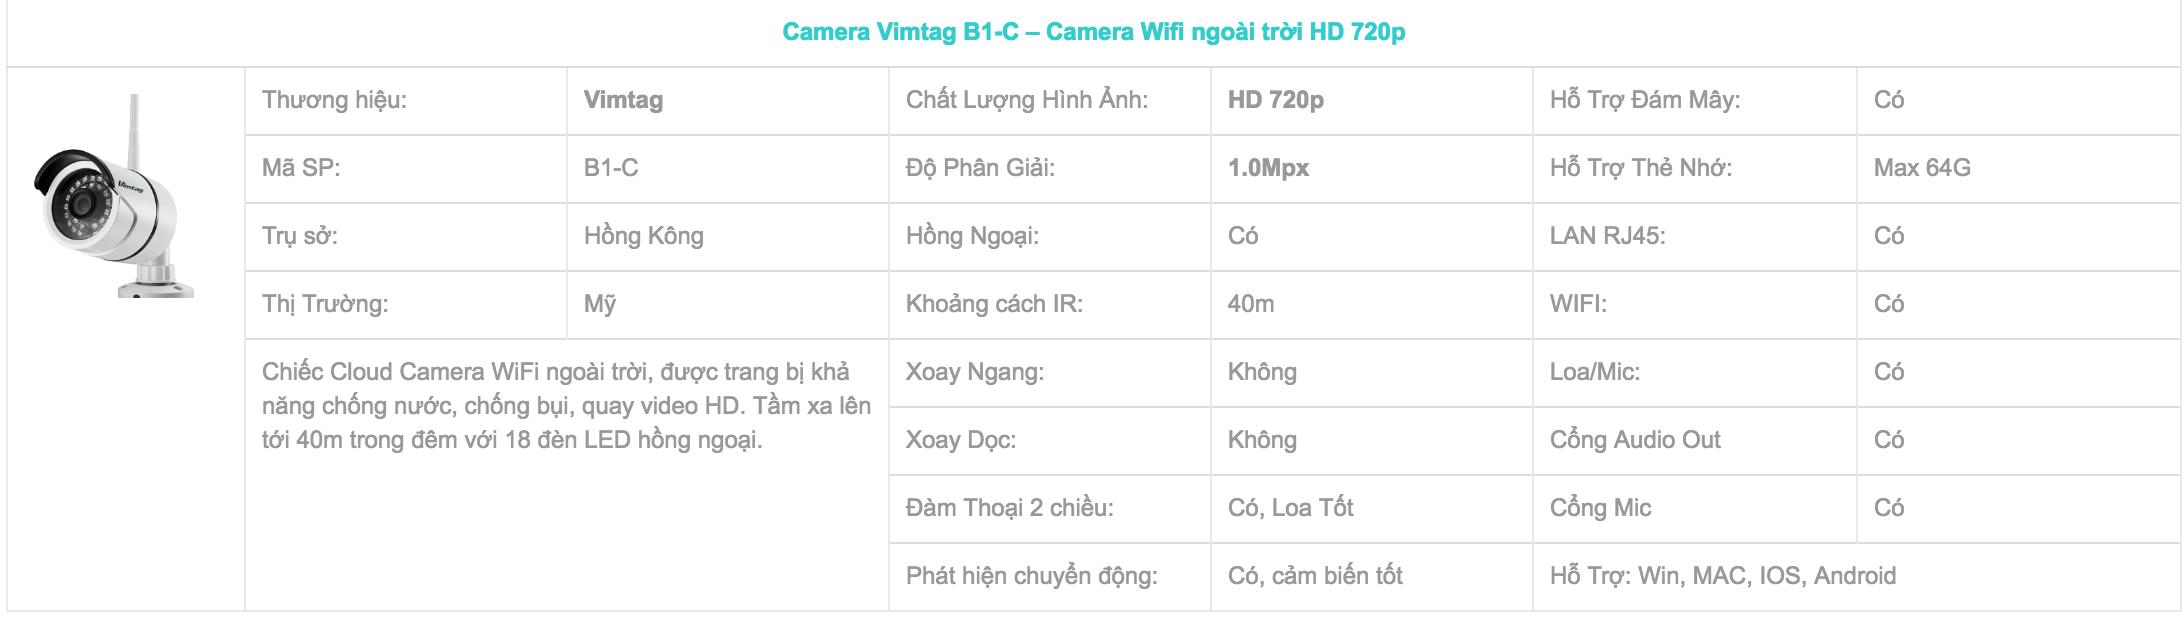 mô tả vimtag b1-c